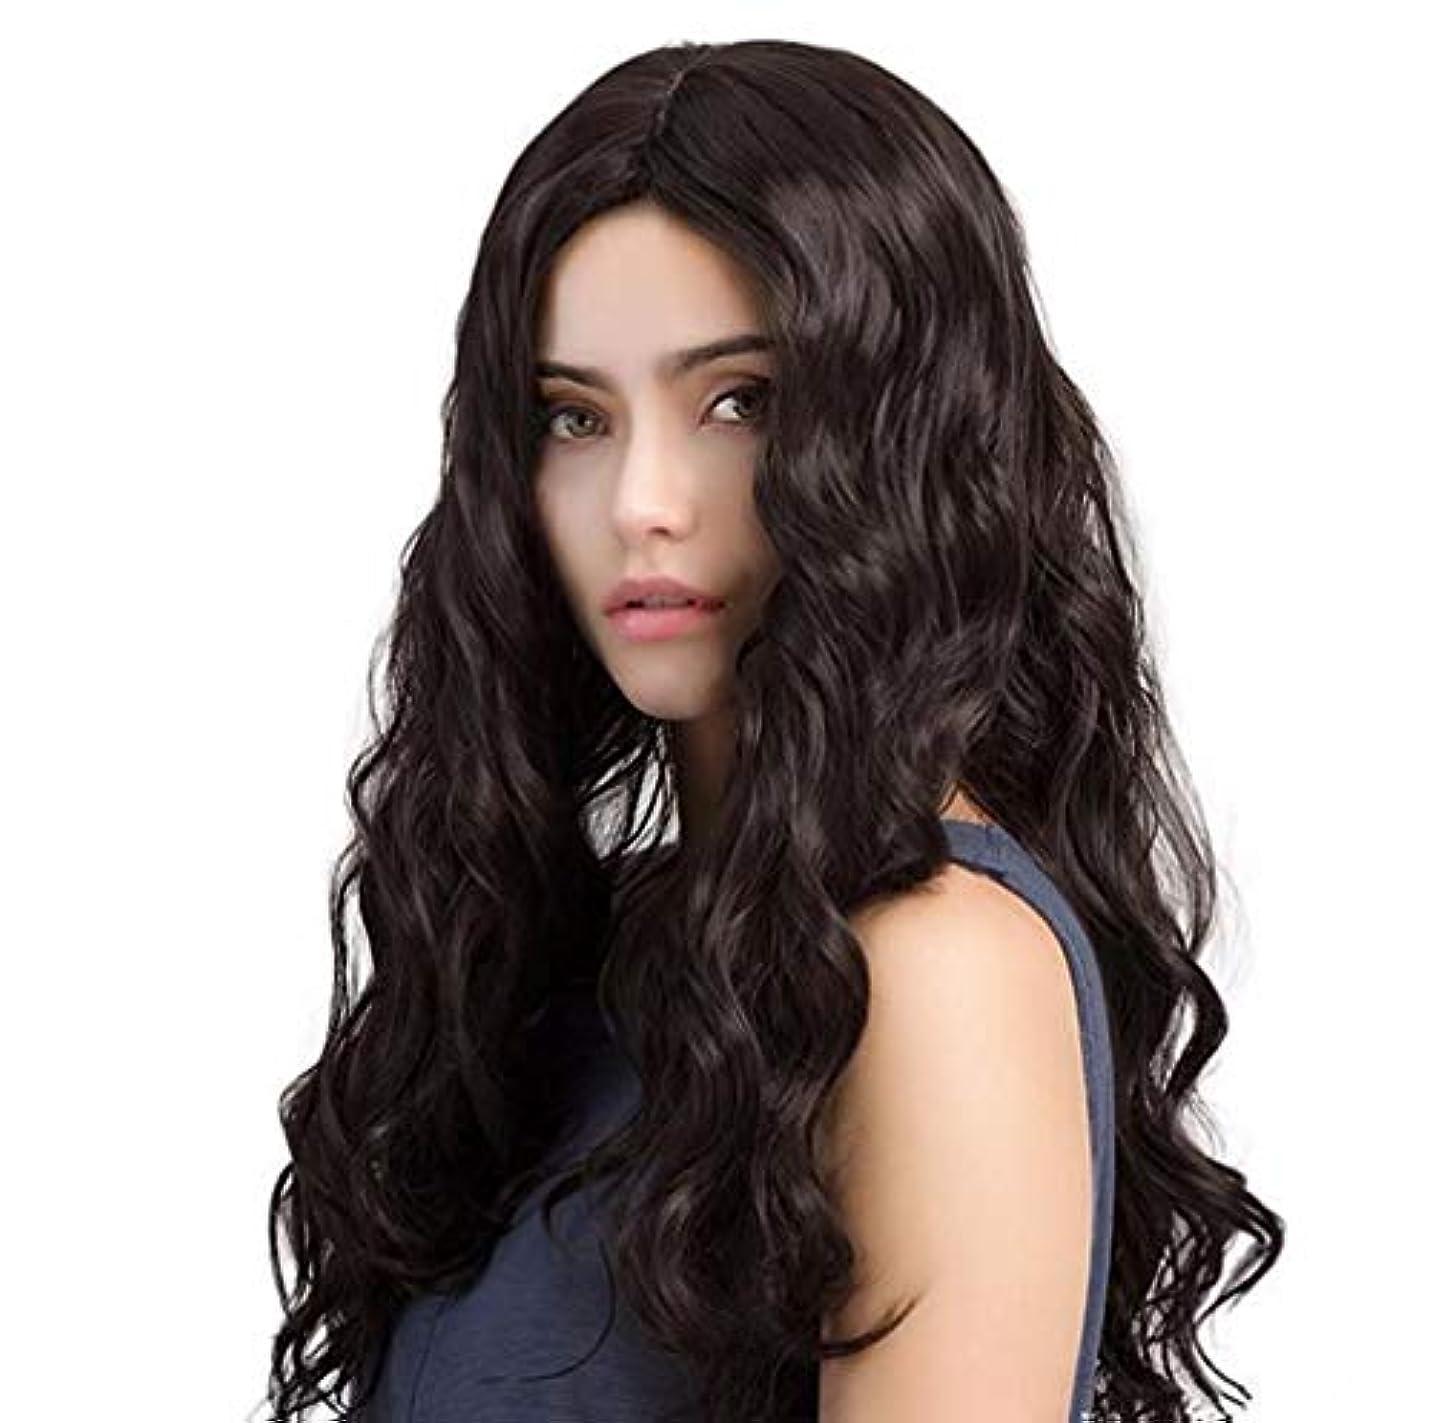 不運ガラガラ攻撃的女性ウィッグ人毛合成ロングウェーブウィッグ合成耐熱性安いミドルパートウィッグブラック150%高密度